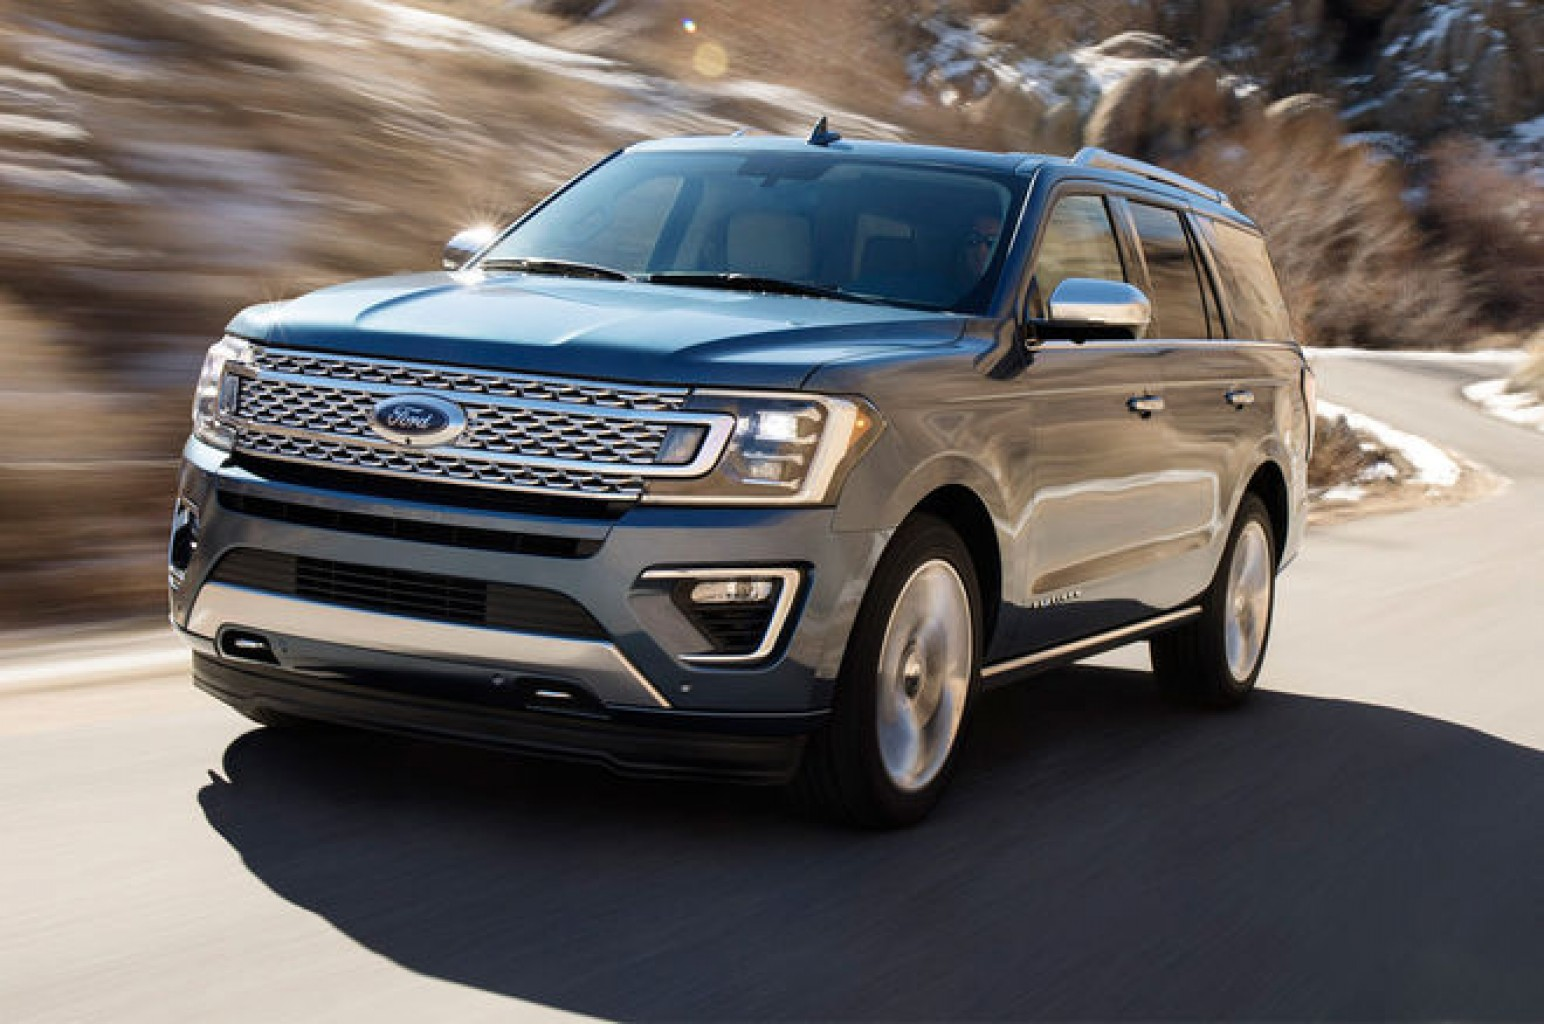 Ford debe retirar de América del Norte  unos 40,000 vehículos